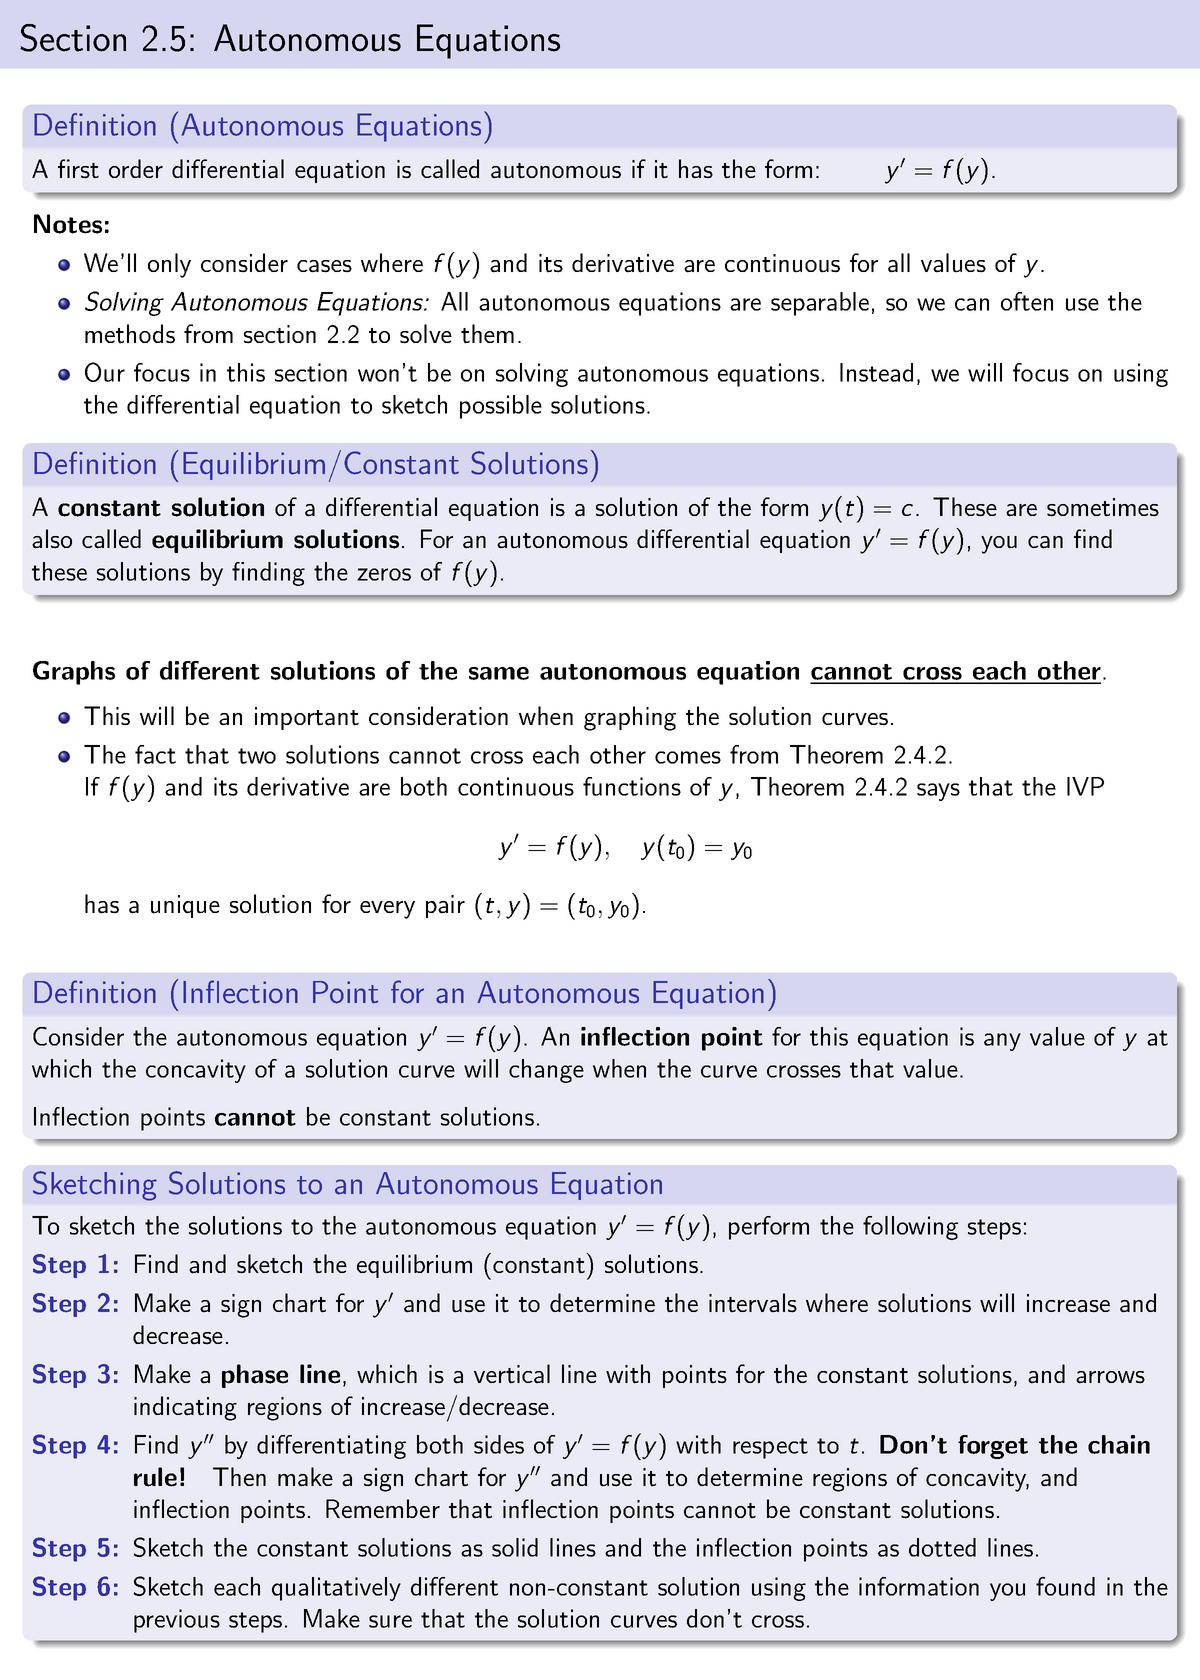 2 5 Autonomous Equations - APMA 2130: Ordinary Differential